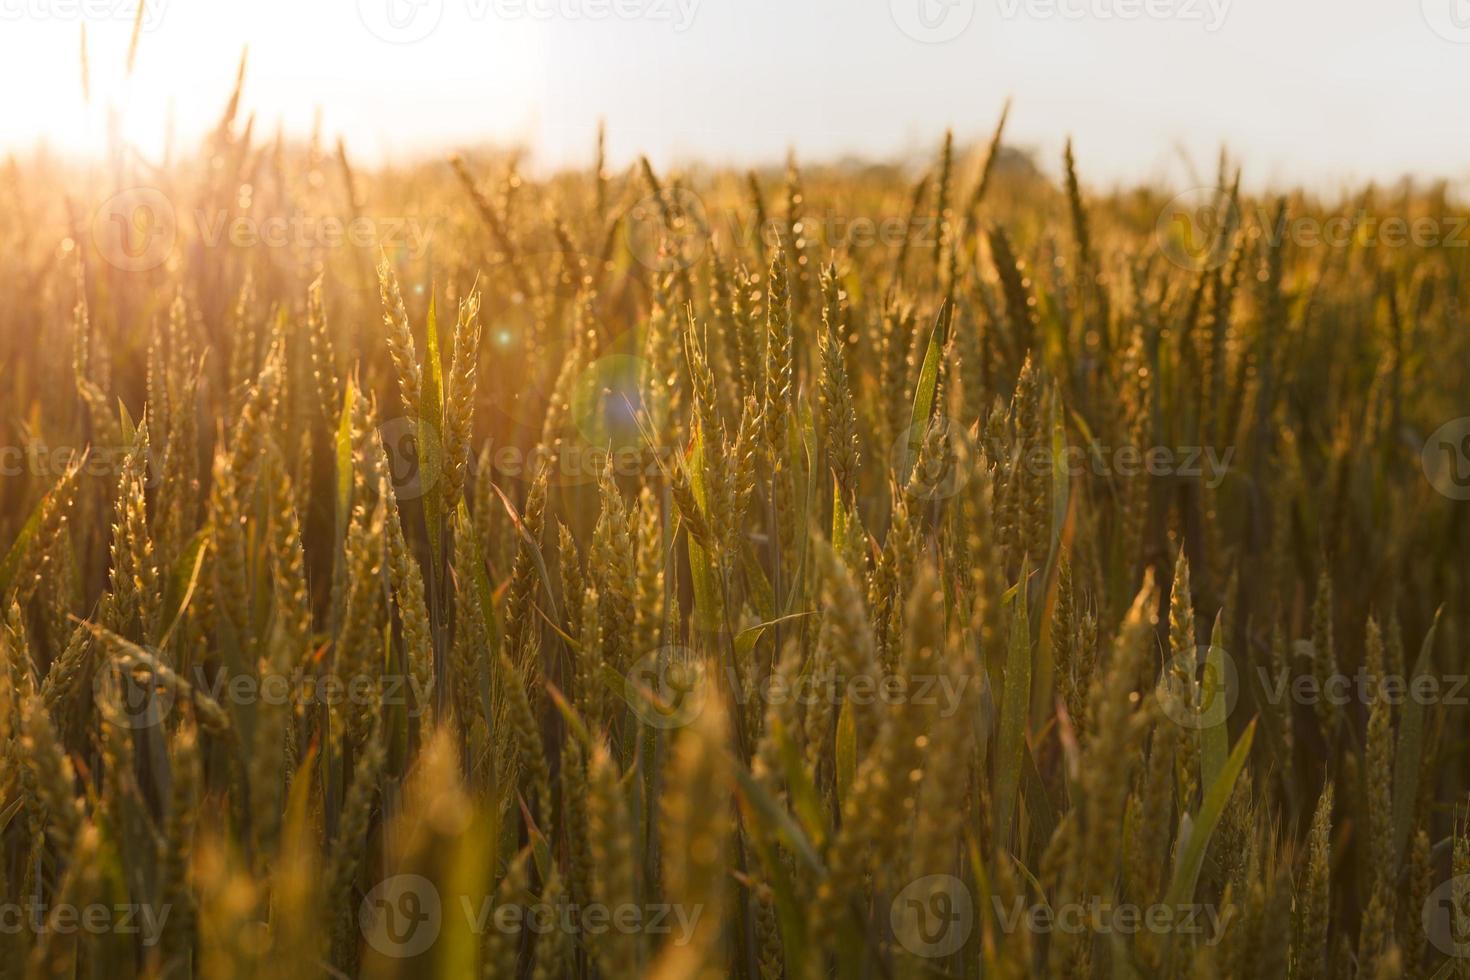 rayons de soleil sur le champ de céréales photo